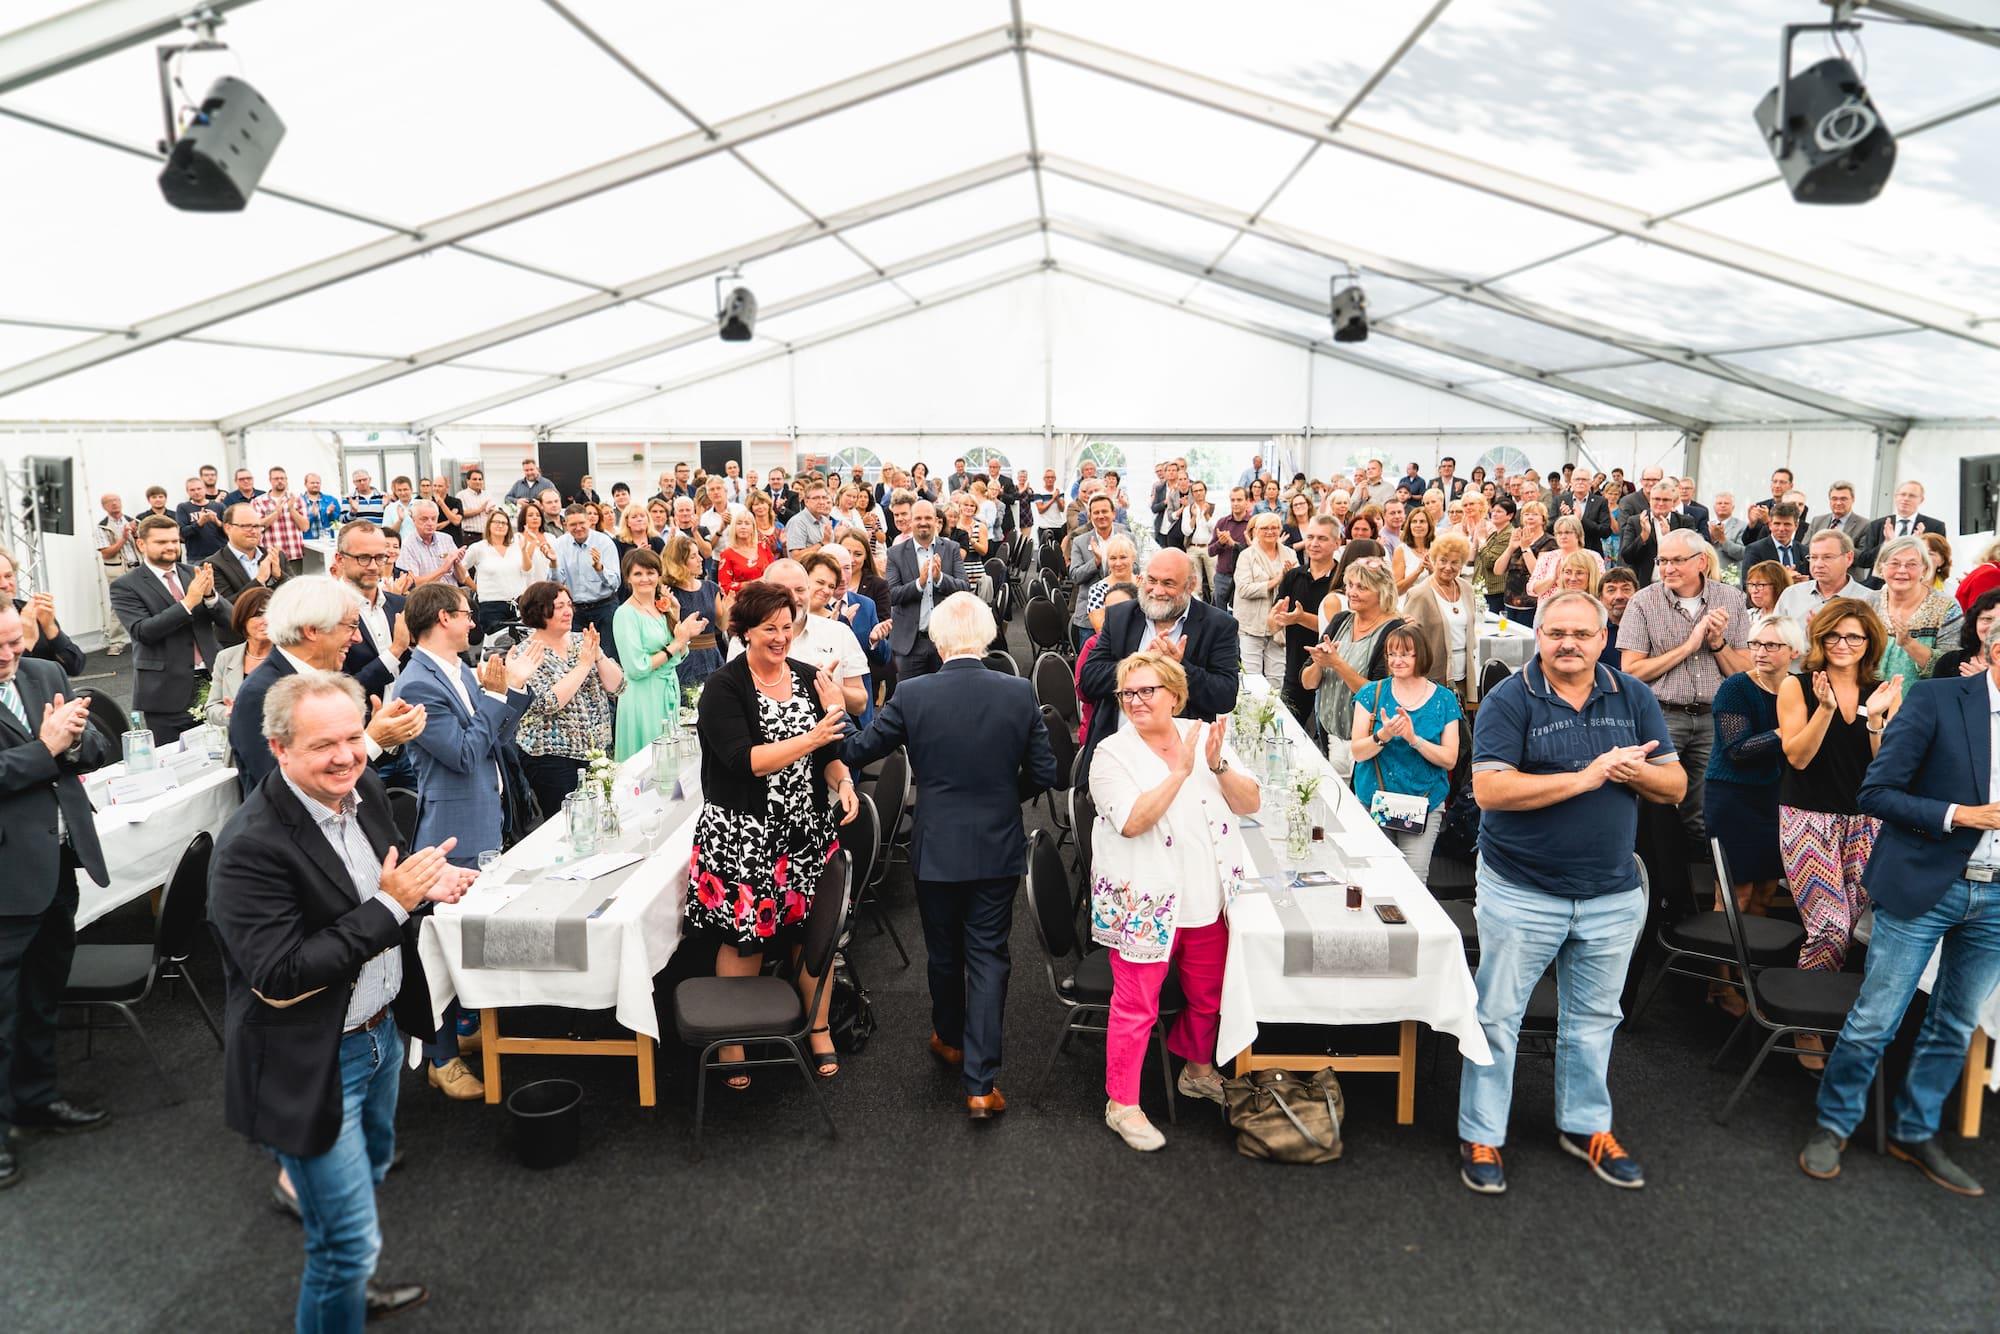 Einzigartige Eventfotografie aus dem Hause Posmyk Medienproduktion. Altenberge. Düsseldorf. Bis in die Welt.